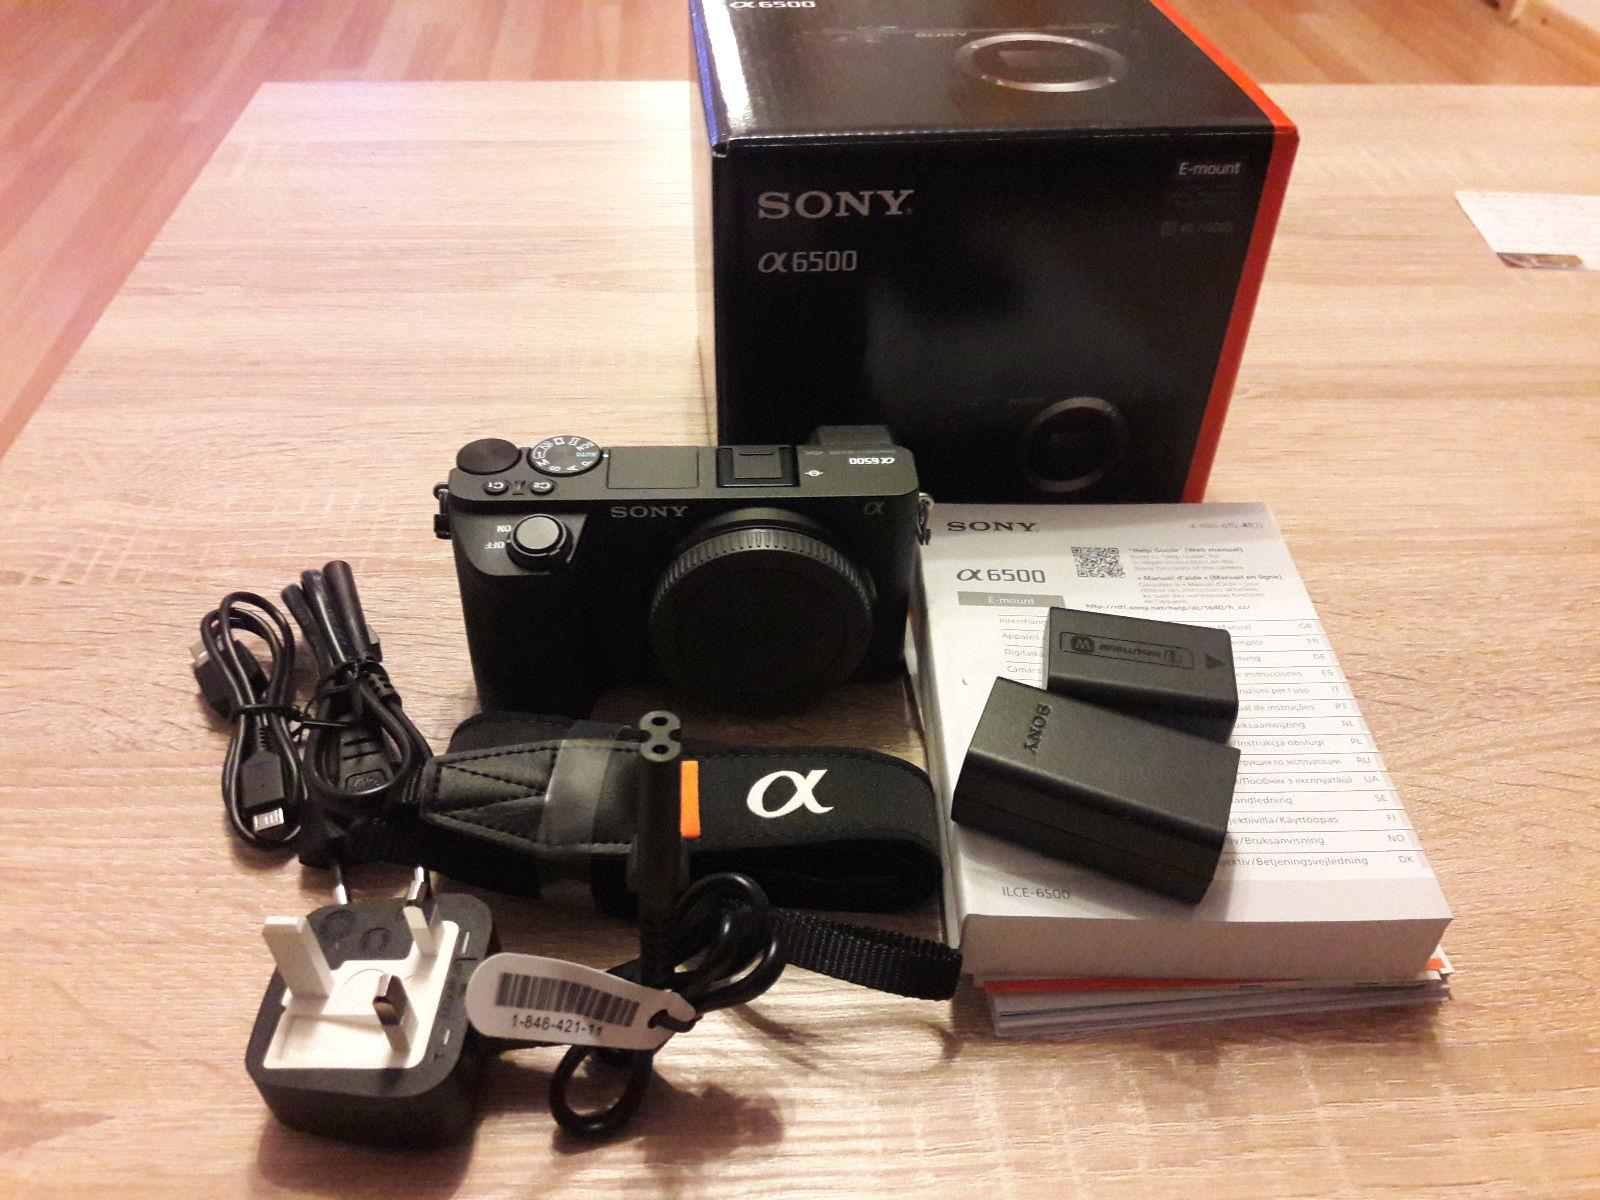 Sony Alpha ILCE-6500 24.2 MP Digitalkamera - Schwarz (Nur Gehäuse)